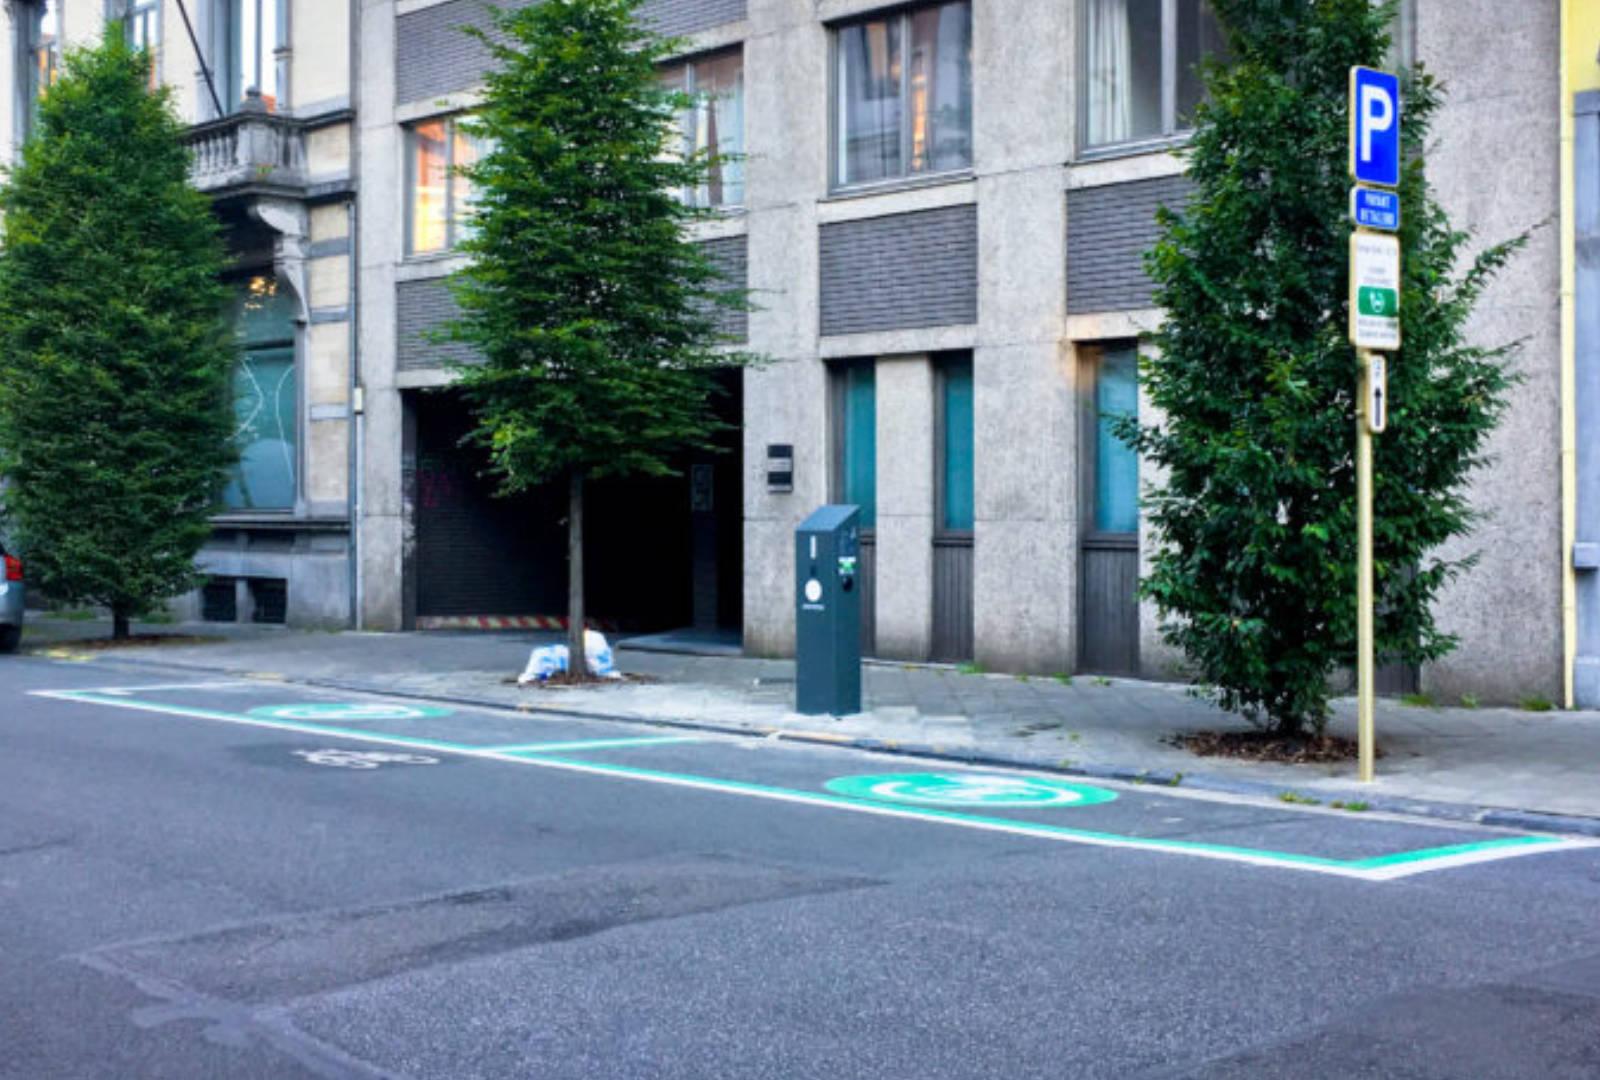 Elektrische voertuigen: Brussel tekent een strategie voor laadpalen uit